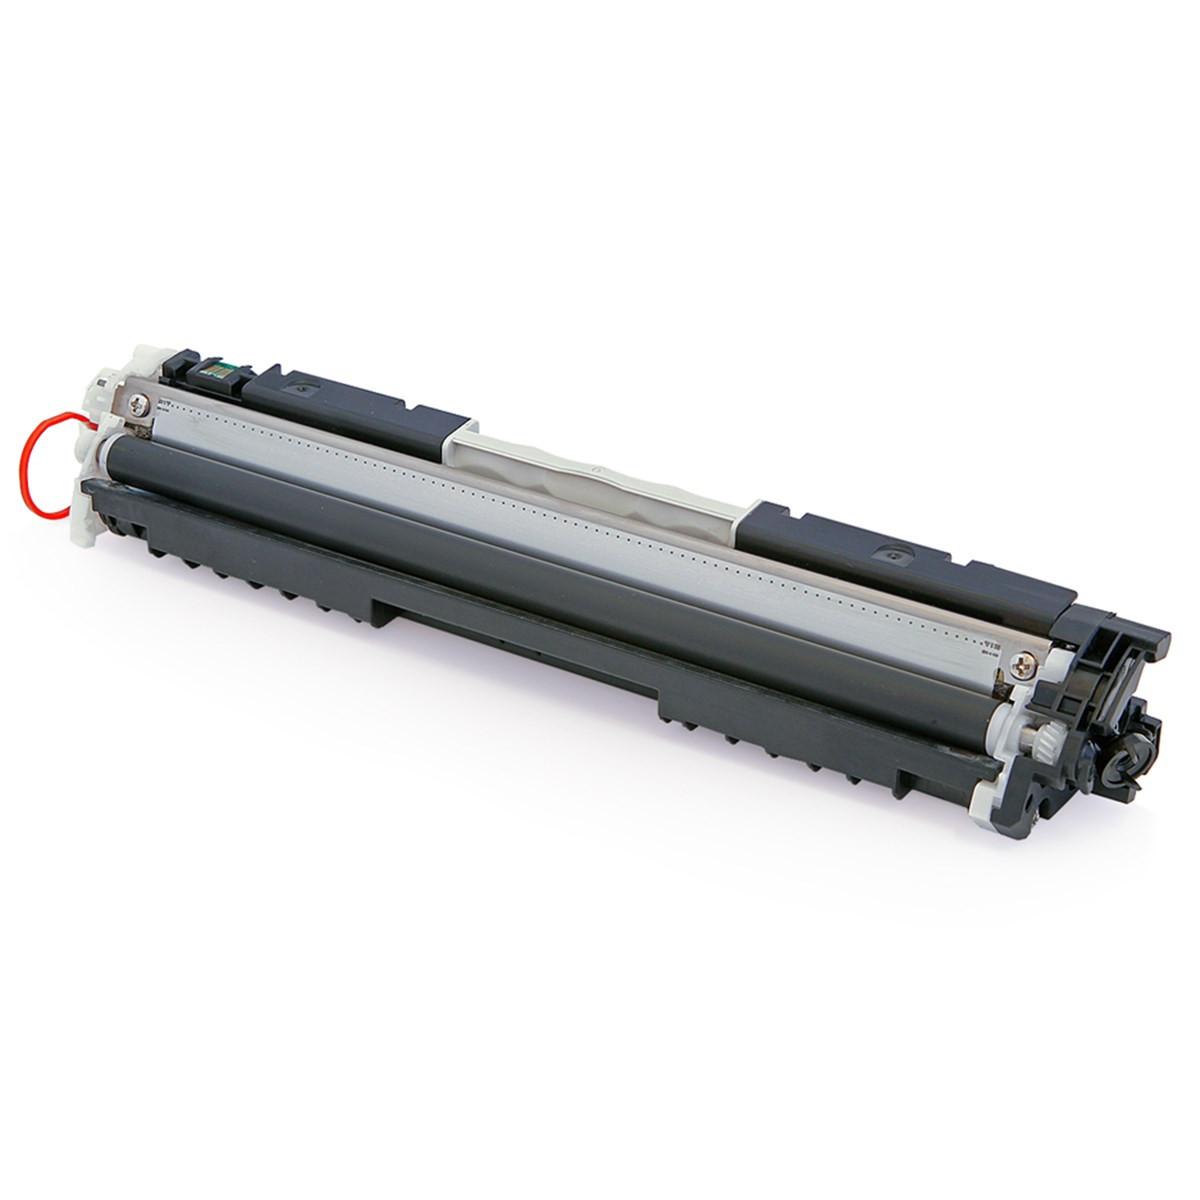 Toner Compatível com HP CE312A Universal 126A Amarelo | CP1020 1025 CP1025NW M175 M175A | Premium